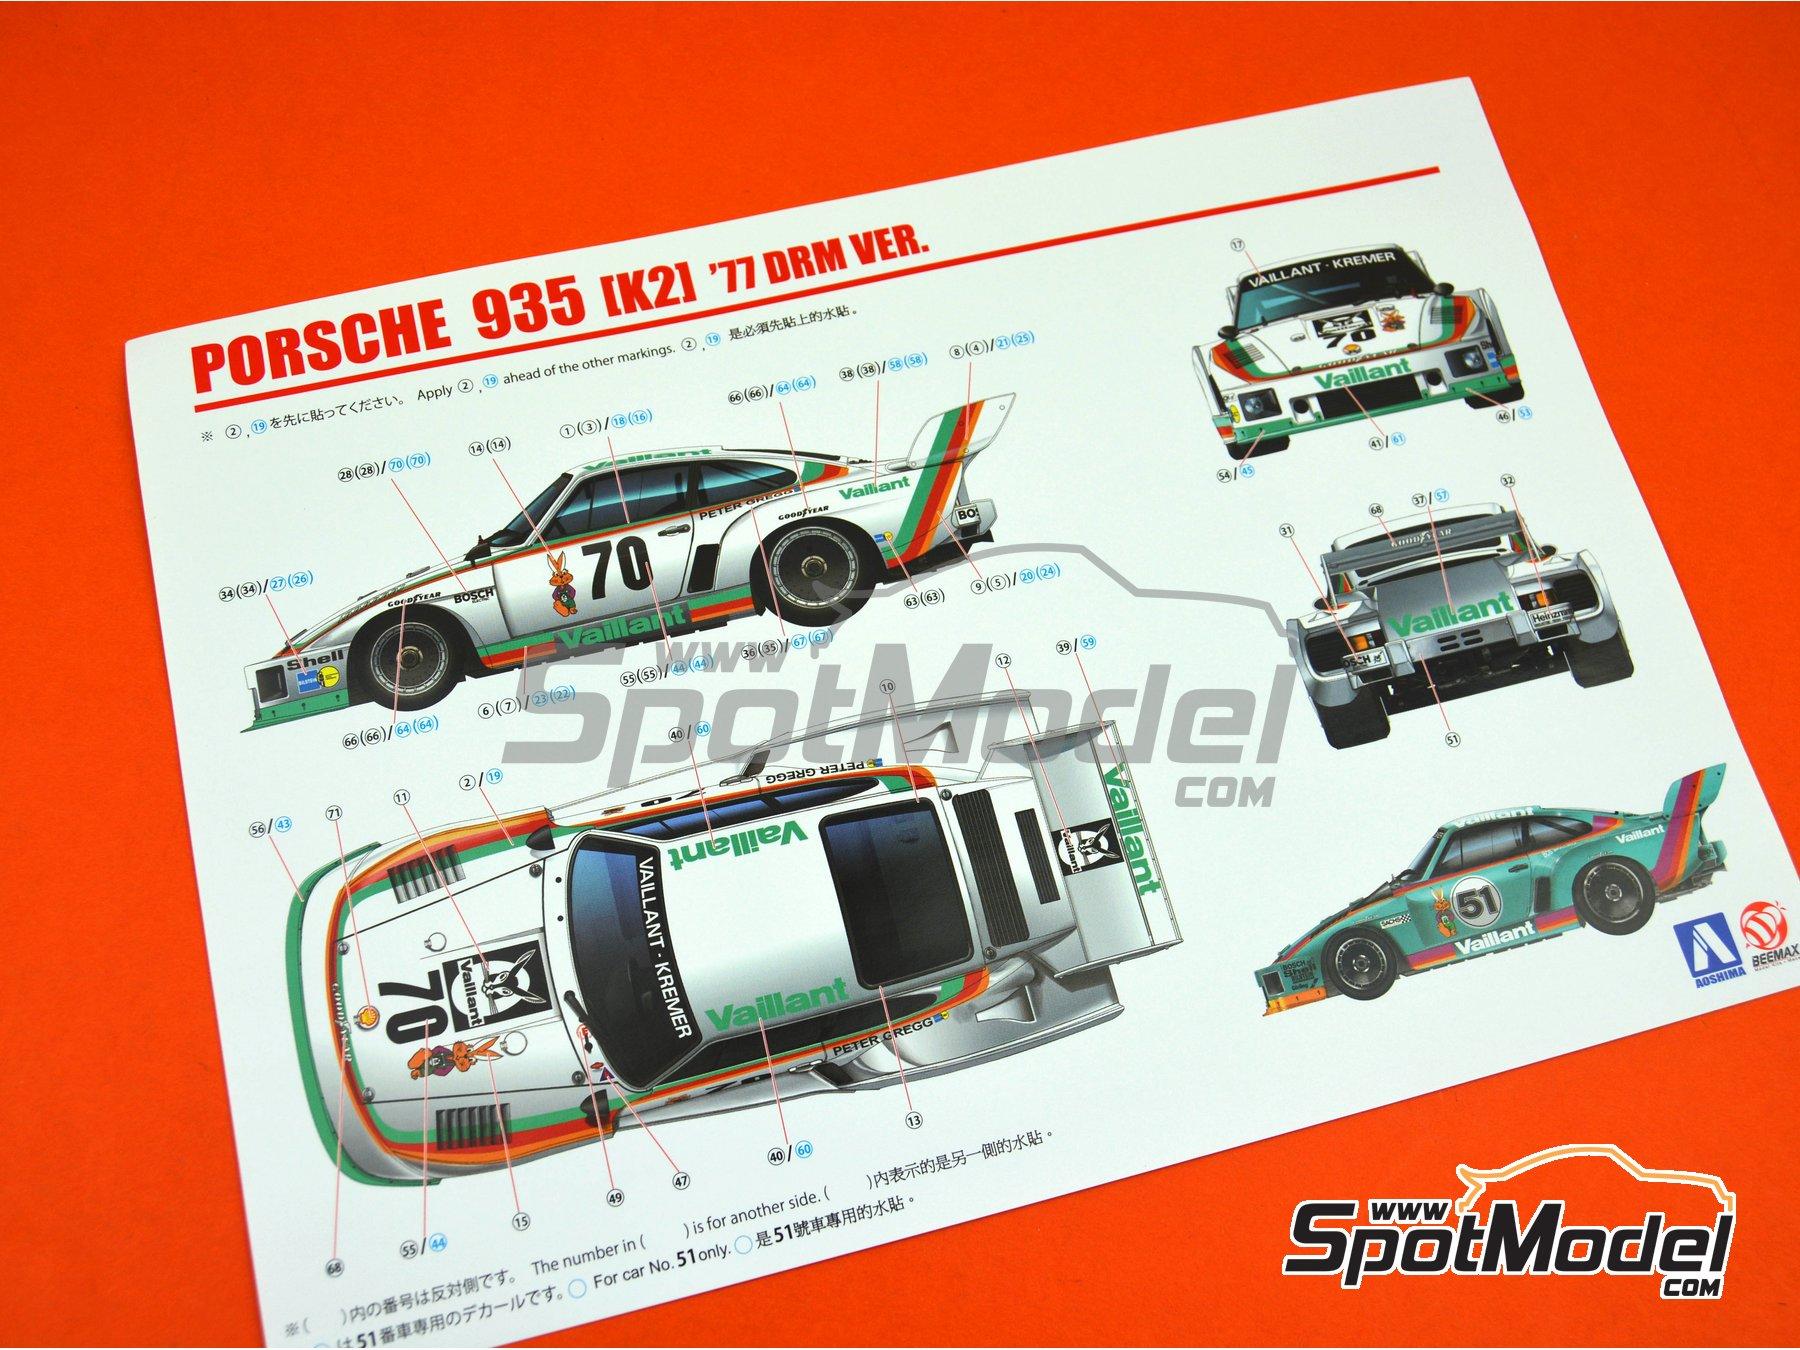 Image 29: Porsche 935 K2 Kremer Vaillant - Campeonato Alemán de Automovilismo - Deutsche Rennsport Meisterschaft DRM 1977 | Maqueta de coche en escala1/24 fabricado por Beemax Model Kits (ref.B24015, tambien 105108, aos10510 y 4905083105108)